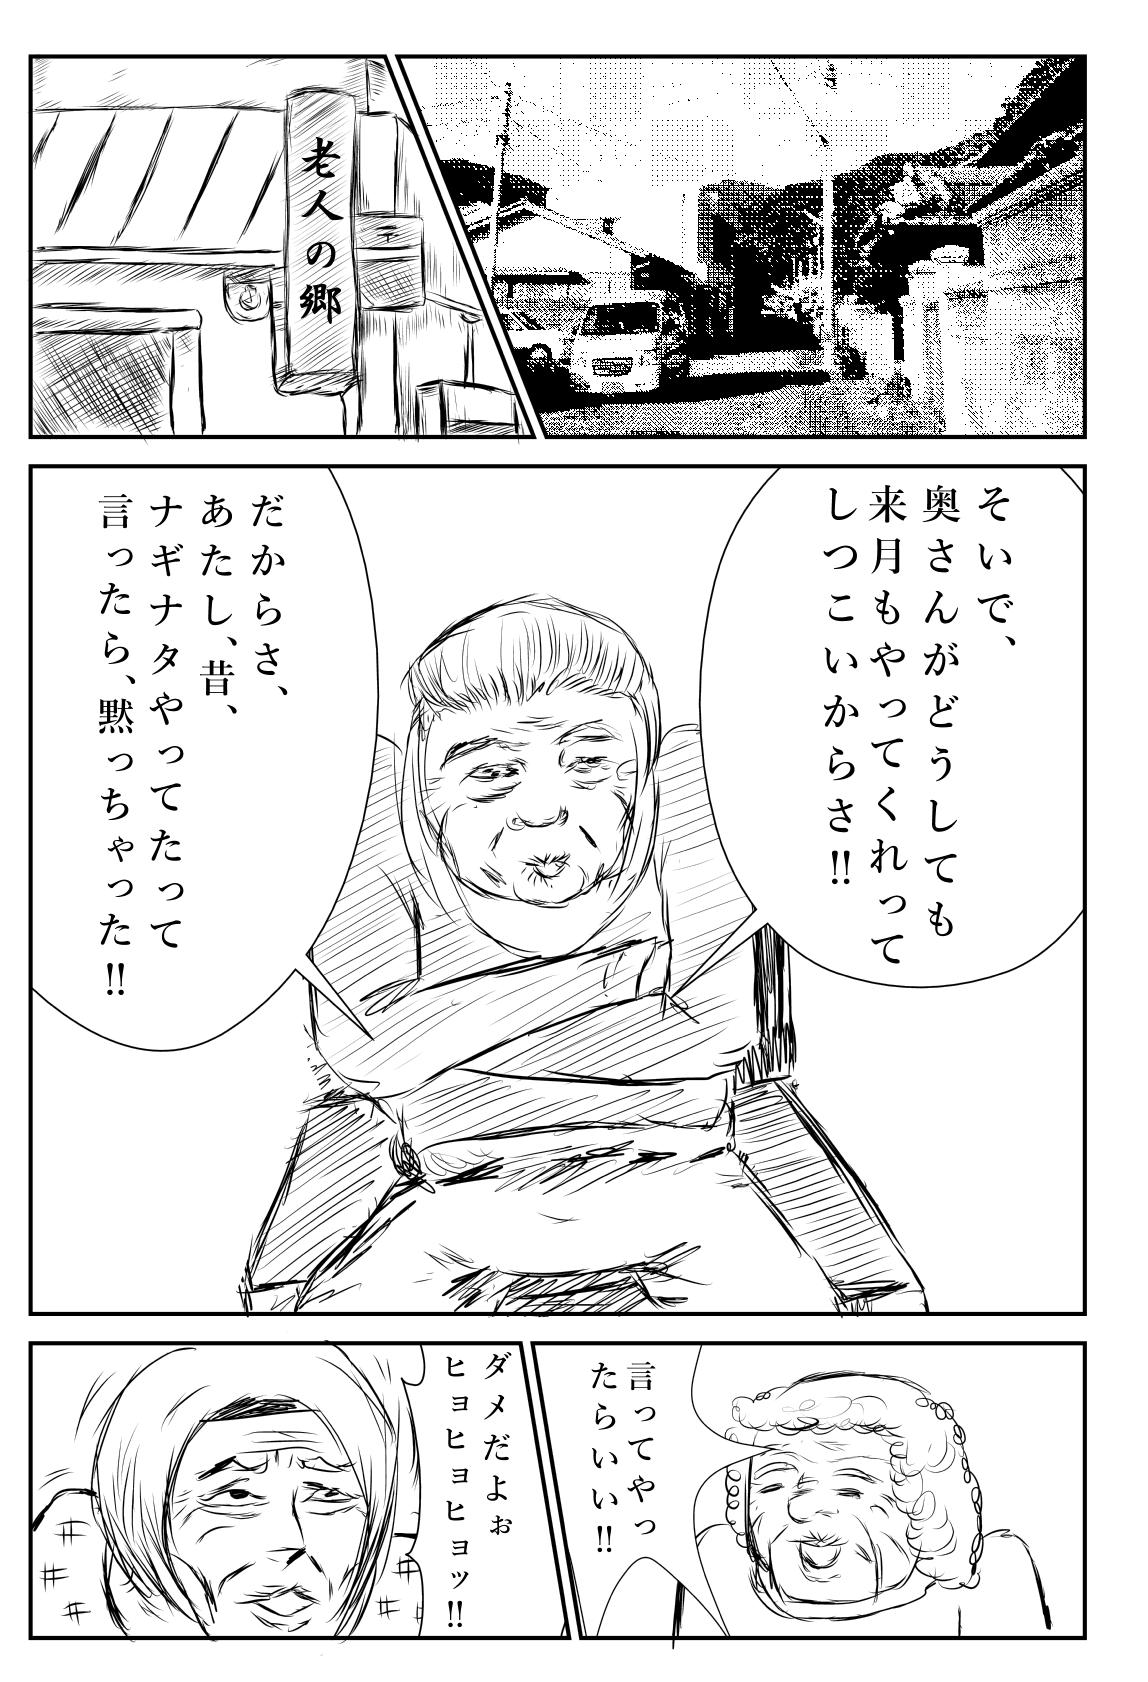 ゲバゲバ銀行騒擾記